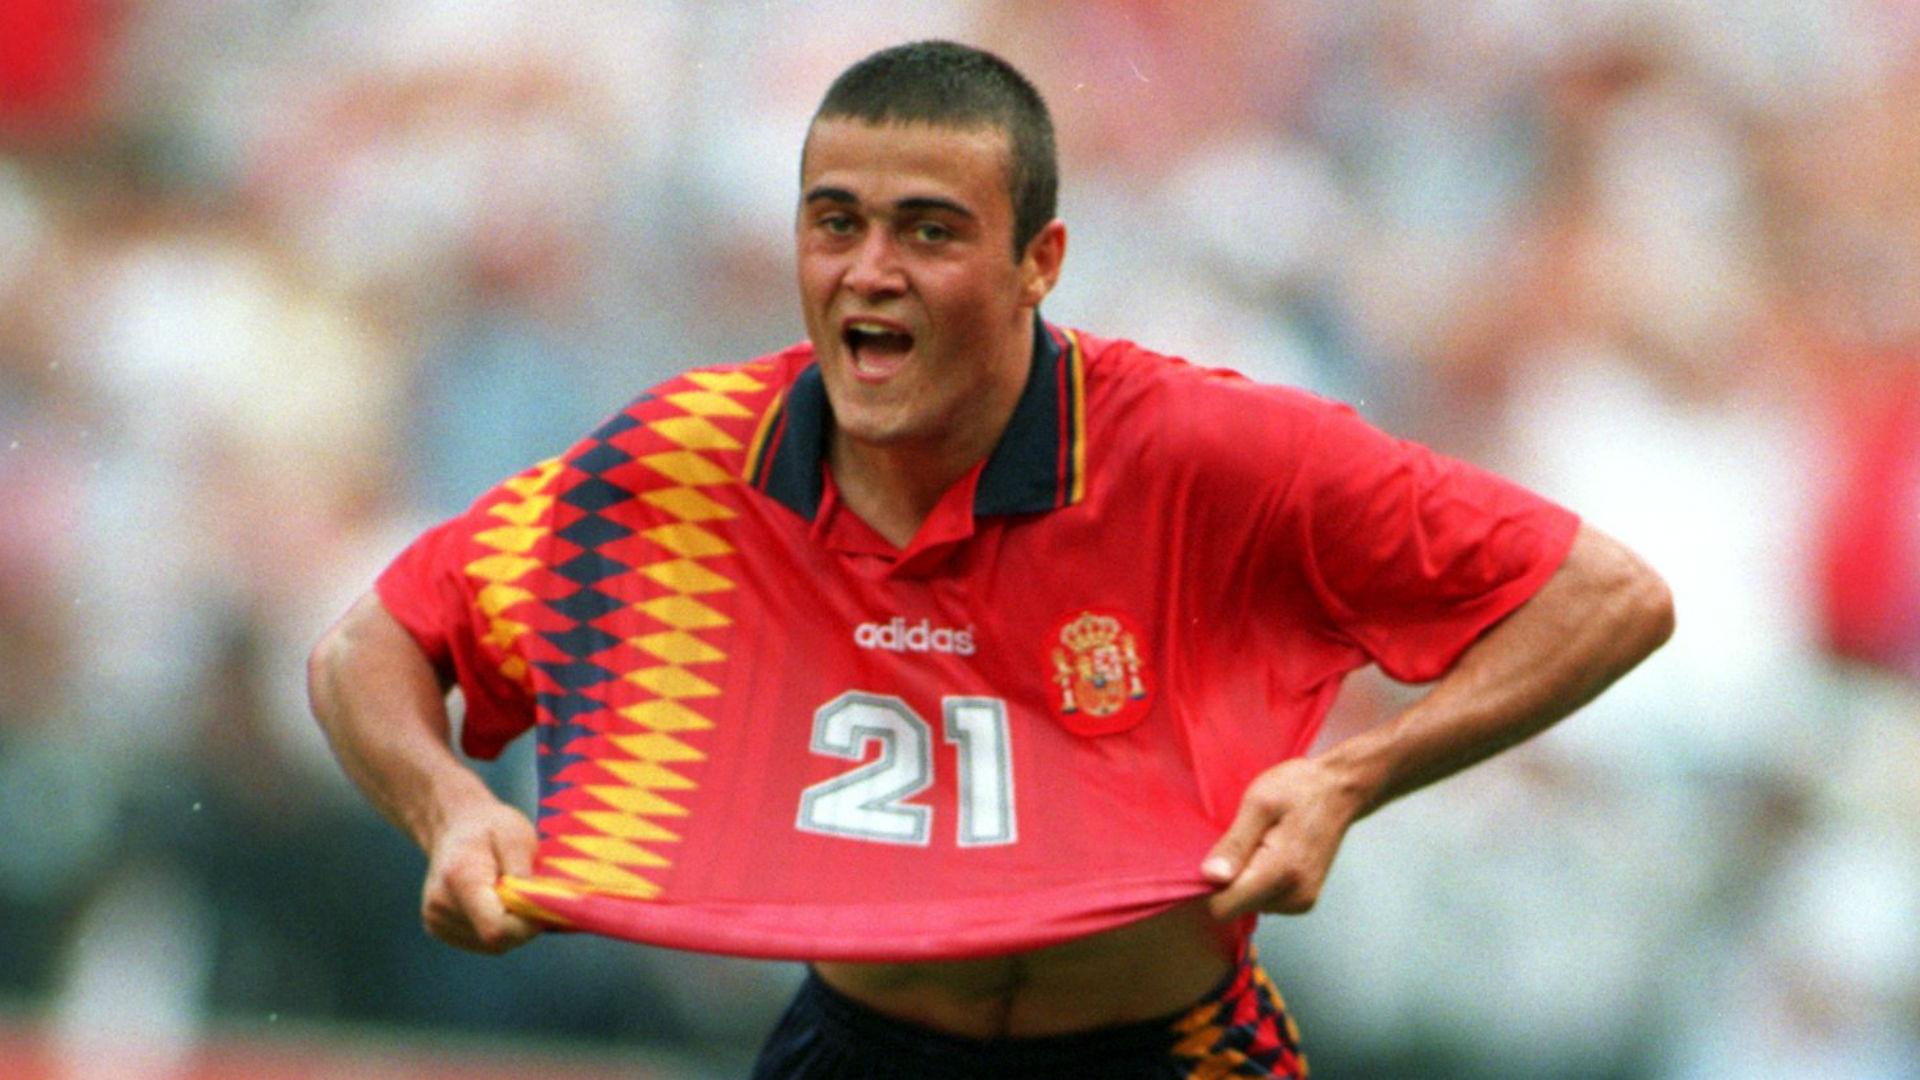 Luis Enrique Spain 1994 World Cup